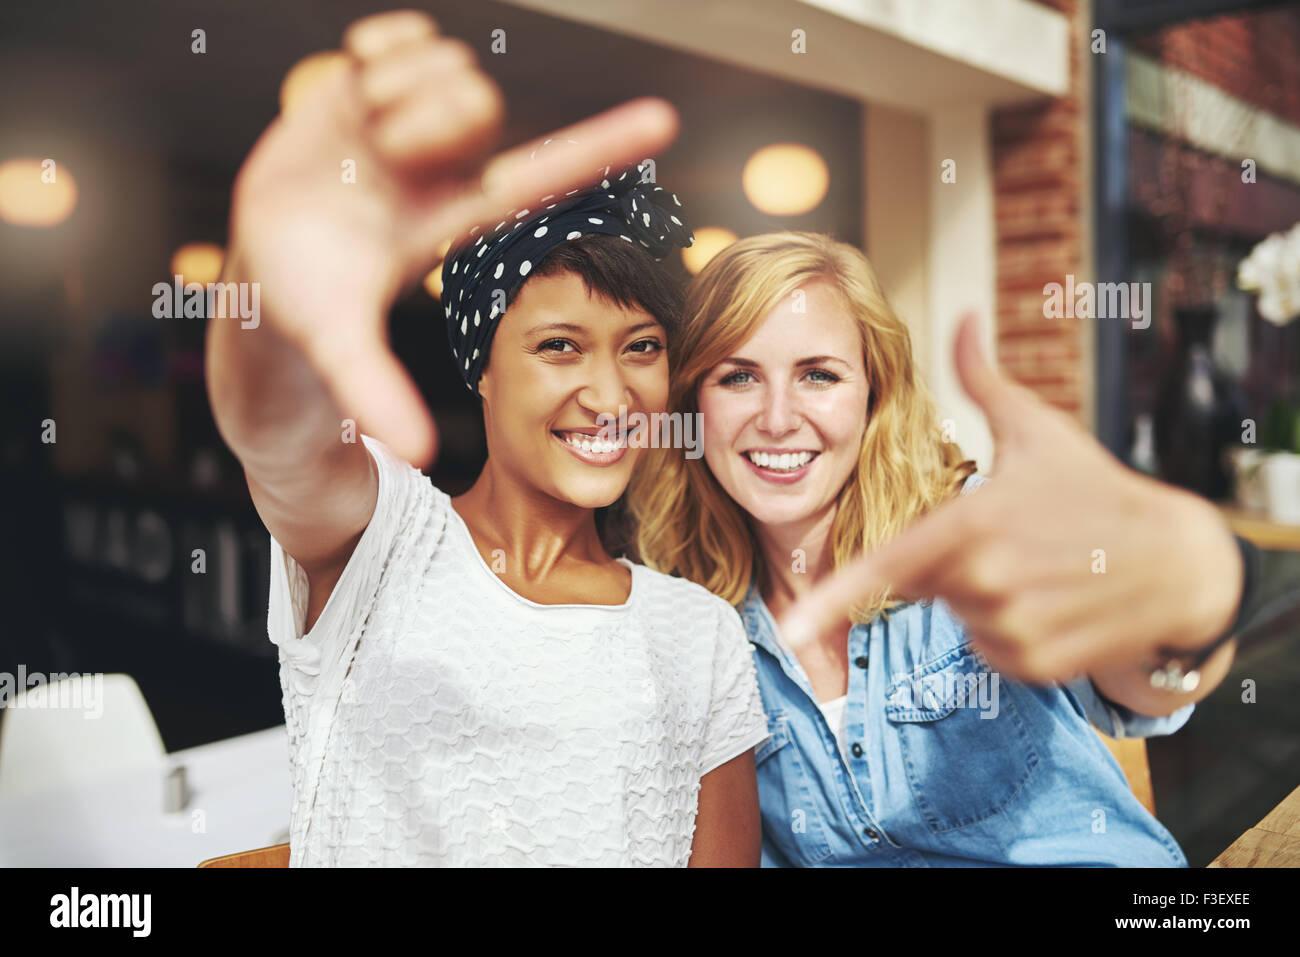 Diversión señoritas enmarcar sus caras con sus dedos en un autorretrato creativo mientras se sientan juntos Imagen De Stock